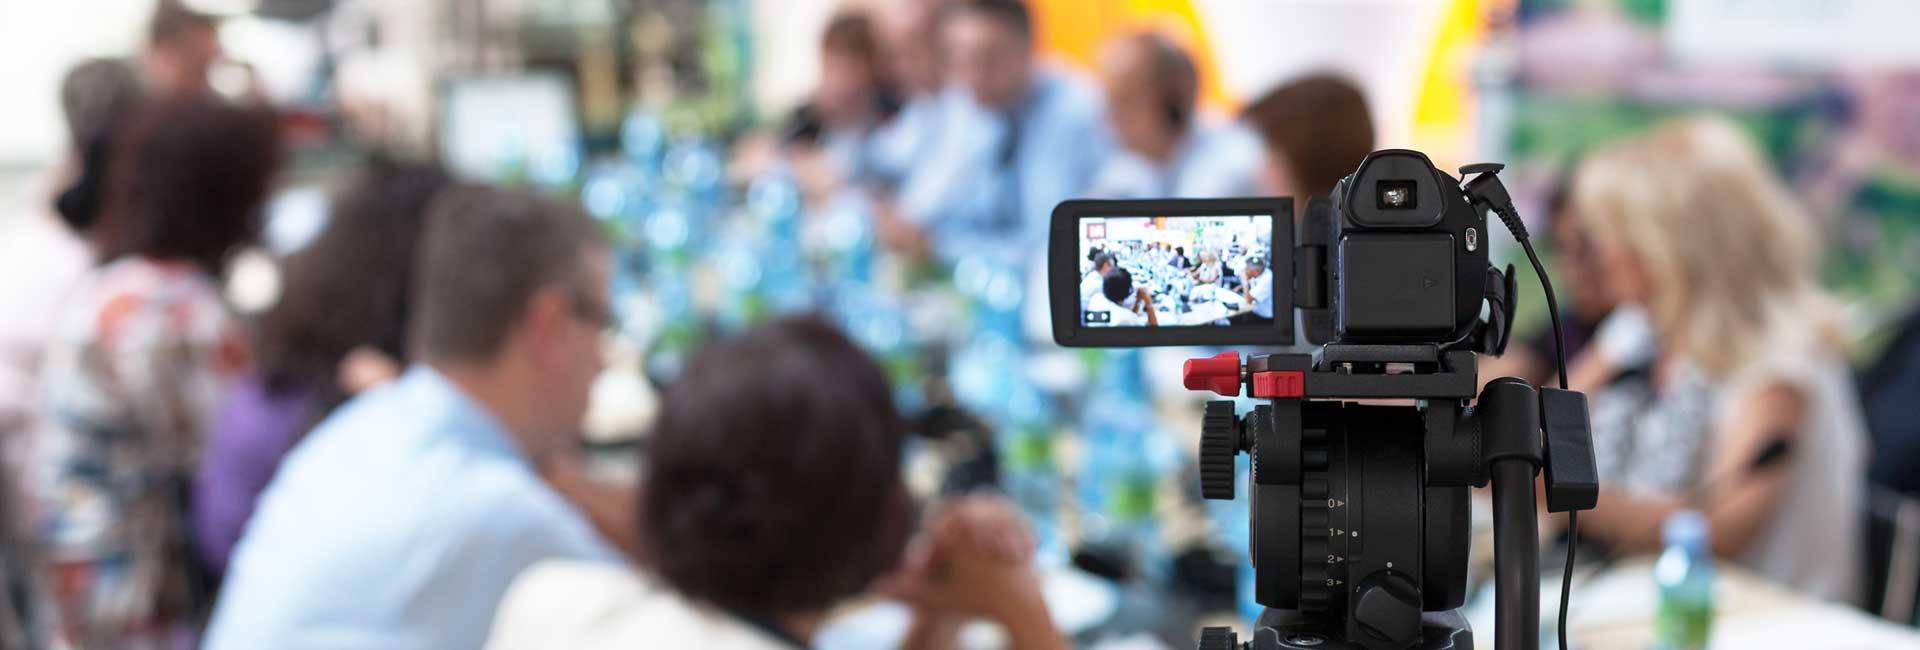 livestream webcast company livestream company in uk webcast company to stream event streaming to facebook live video production